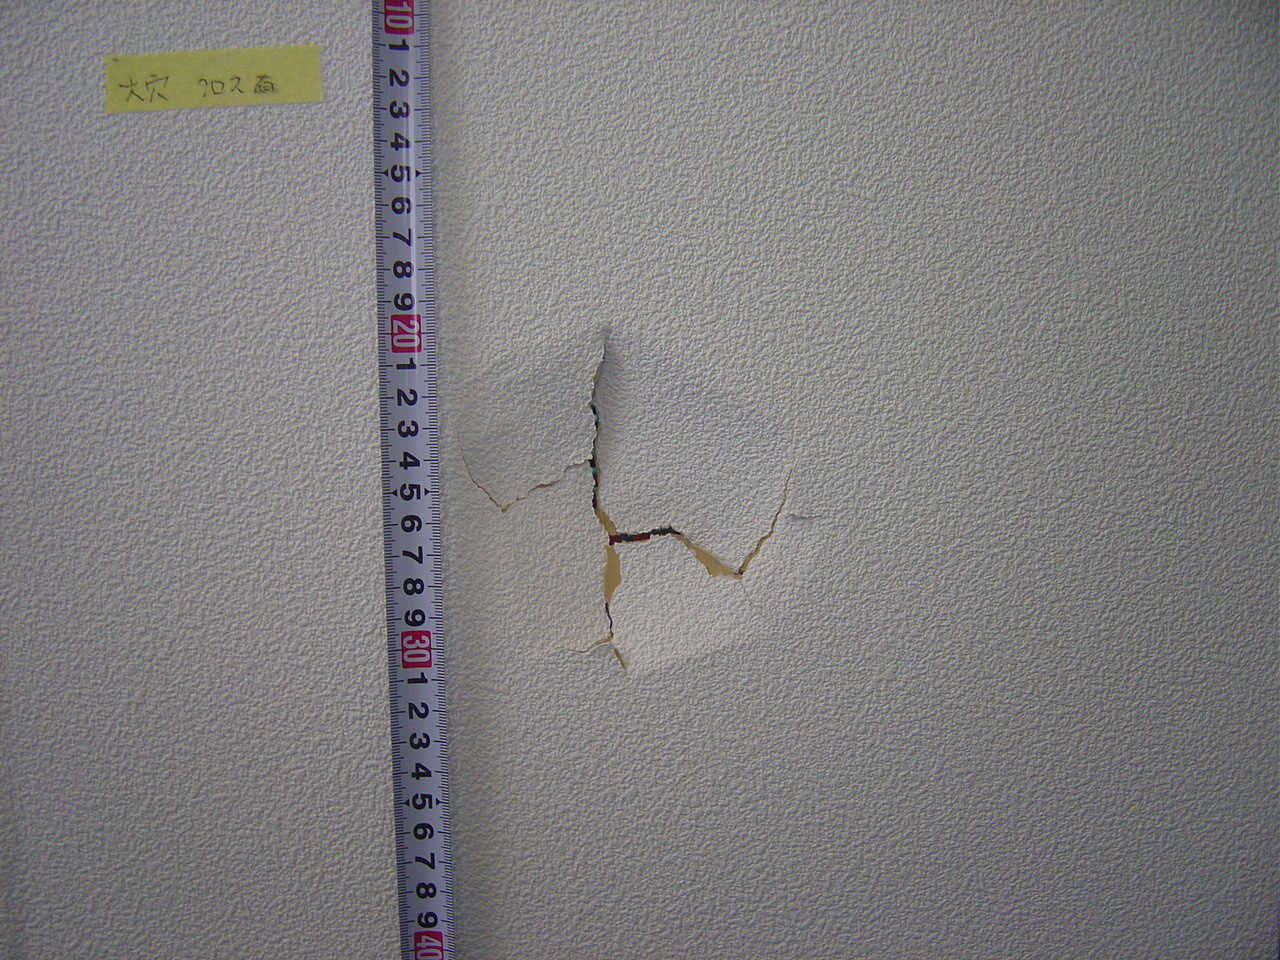 壁紙クロス補修 修理 メンテナンス コミコミ6480円 川西 猪名川地区